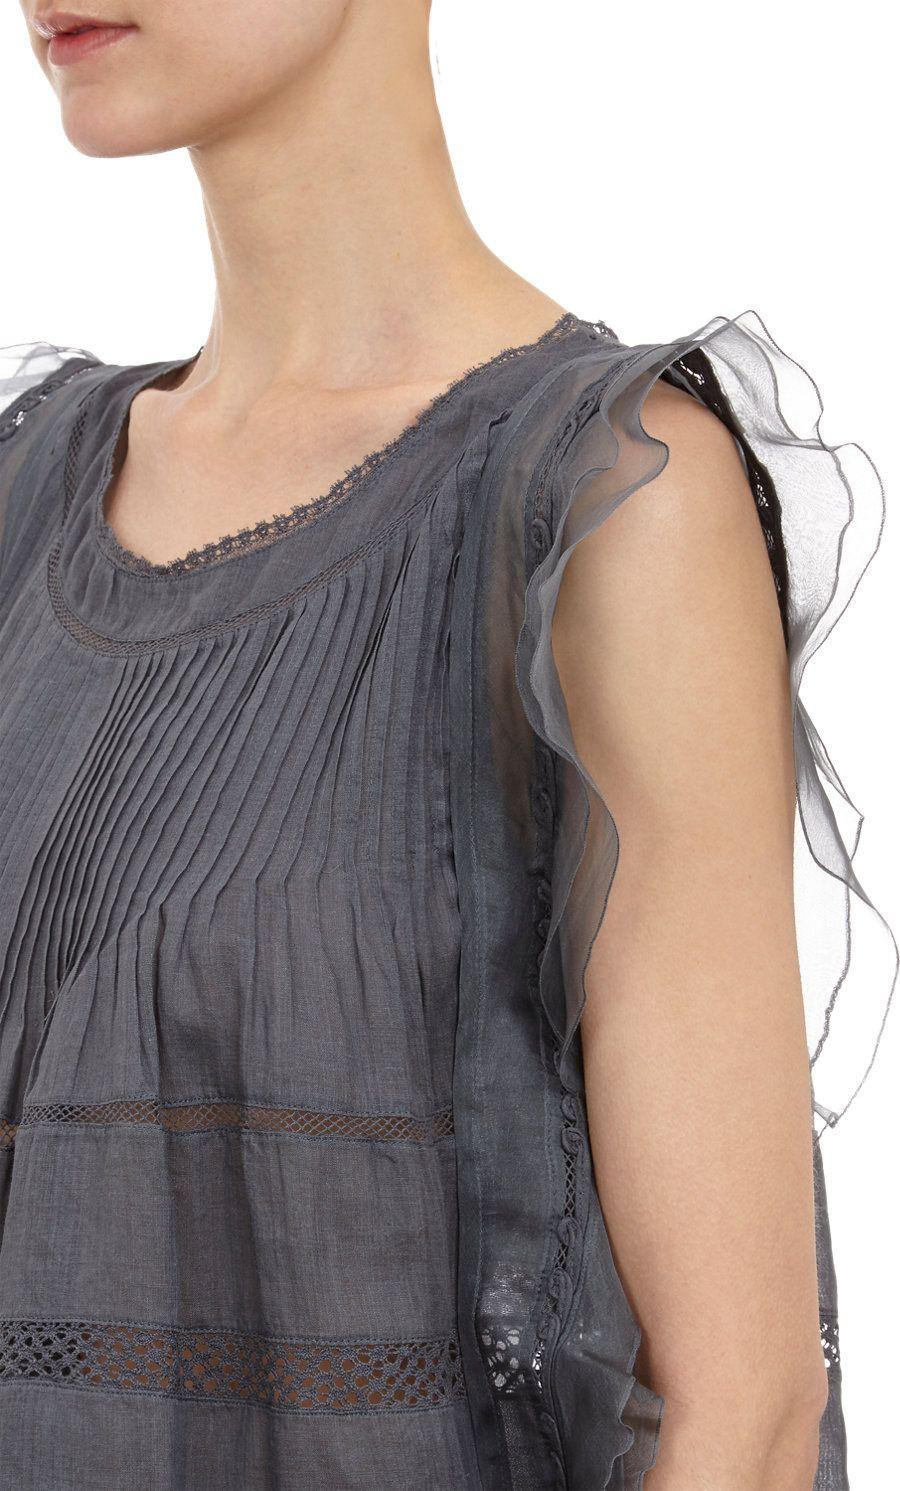 Isabel Marant Ojima Top at Barneys.com